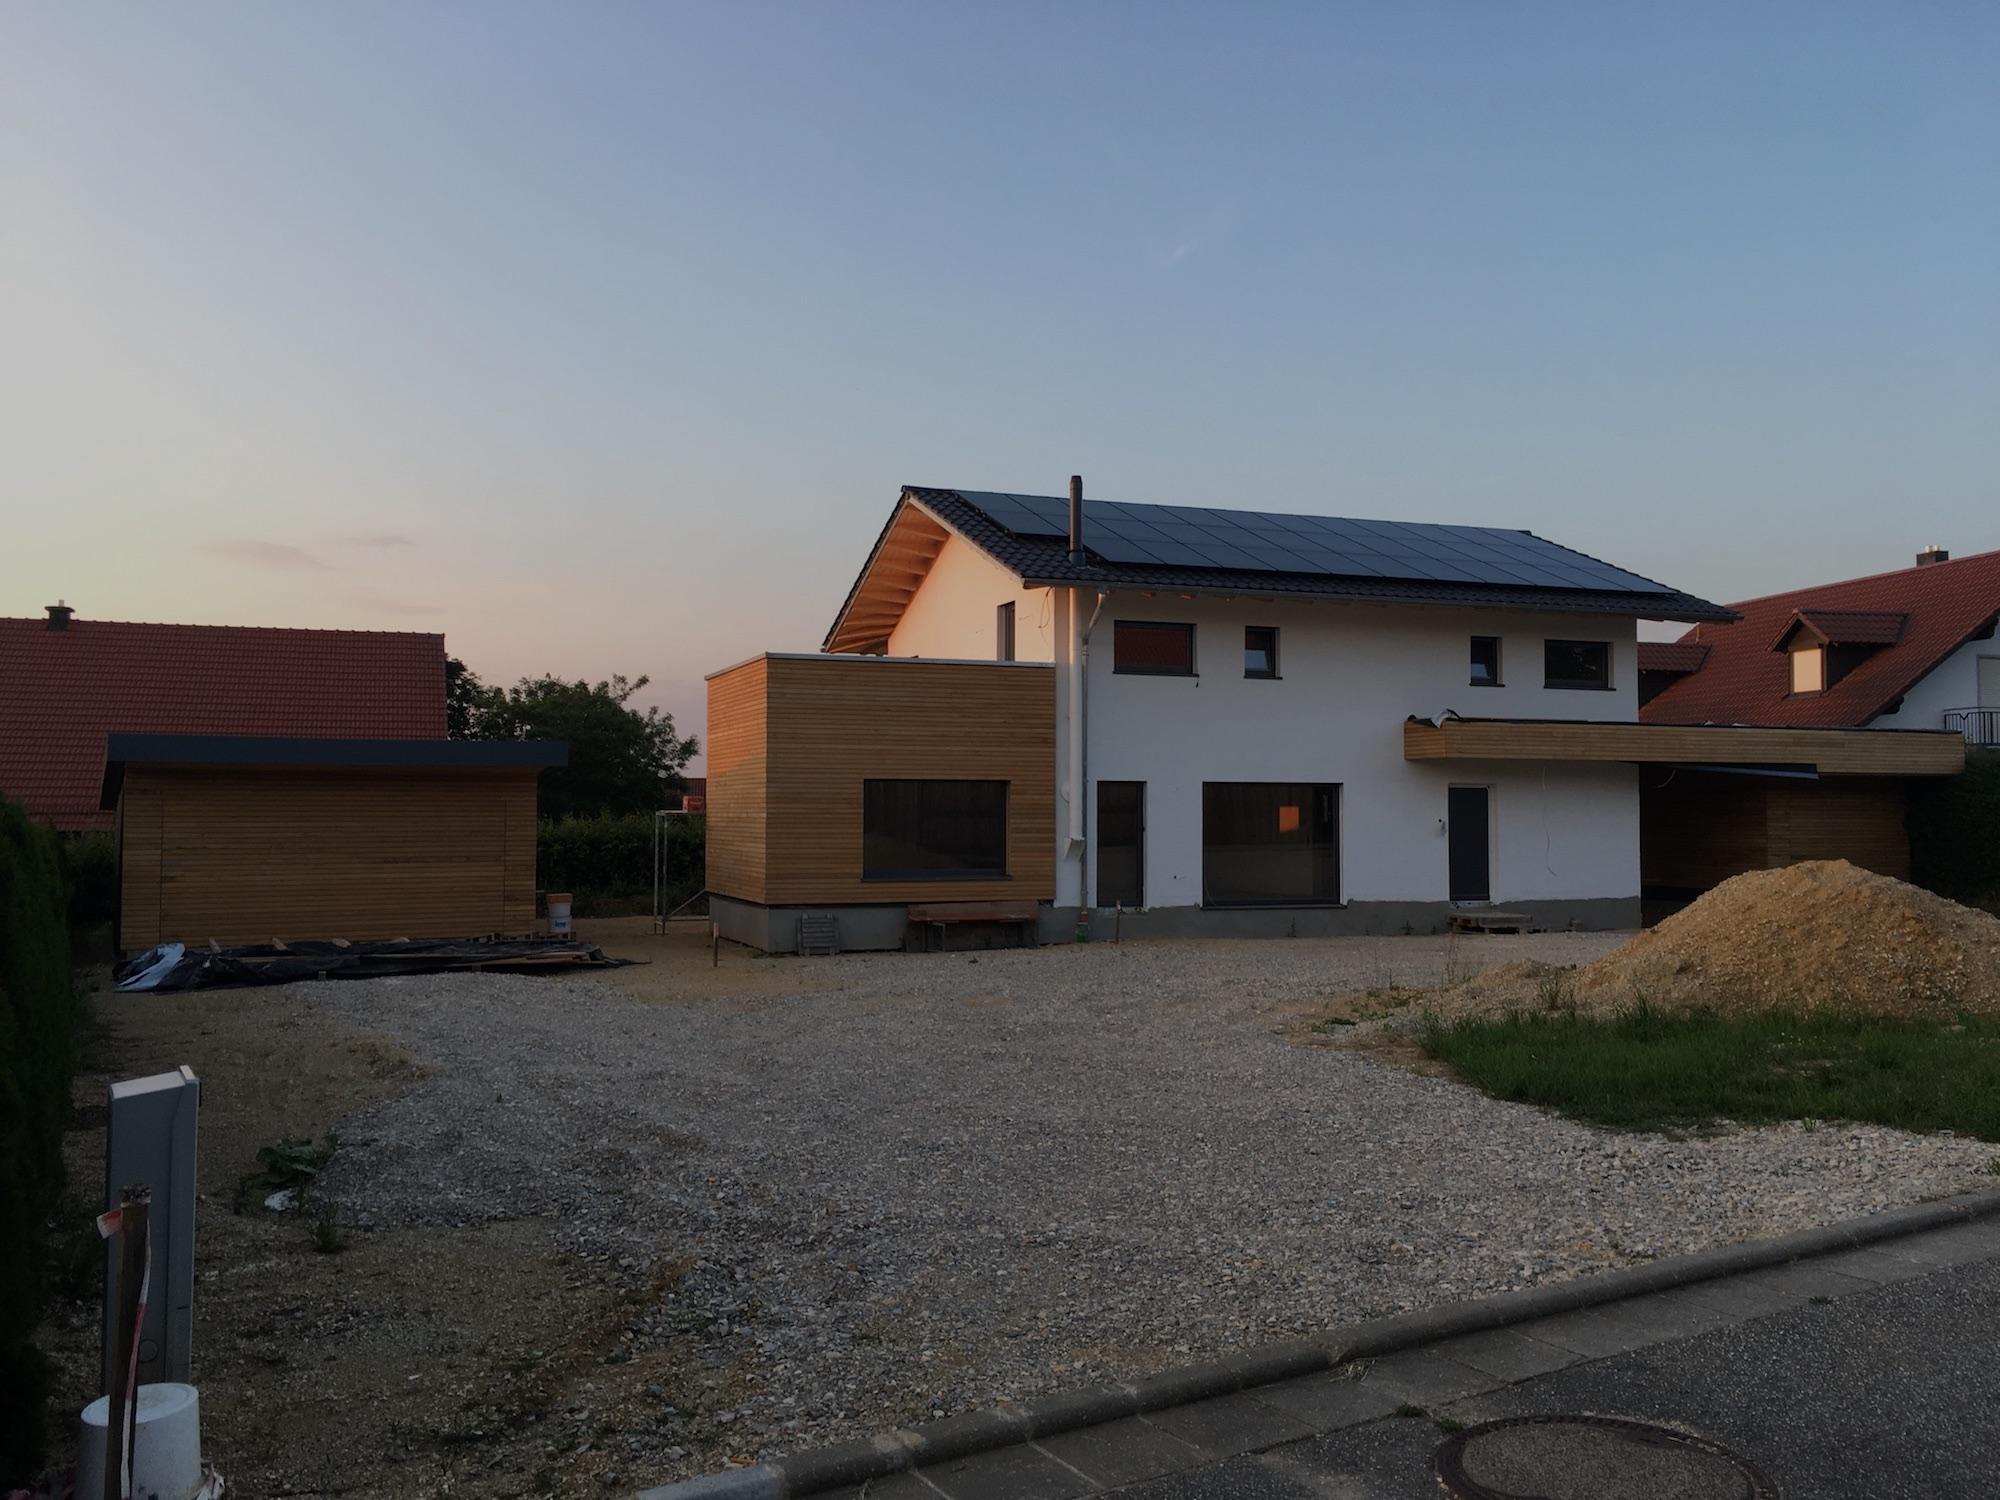 Rhombusleisten Fassade Beispiel